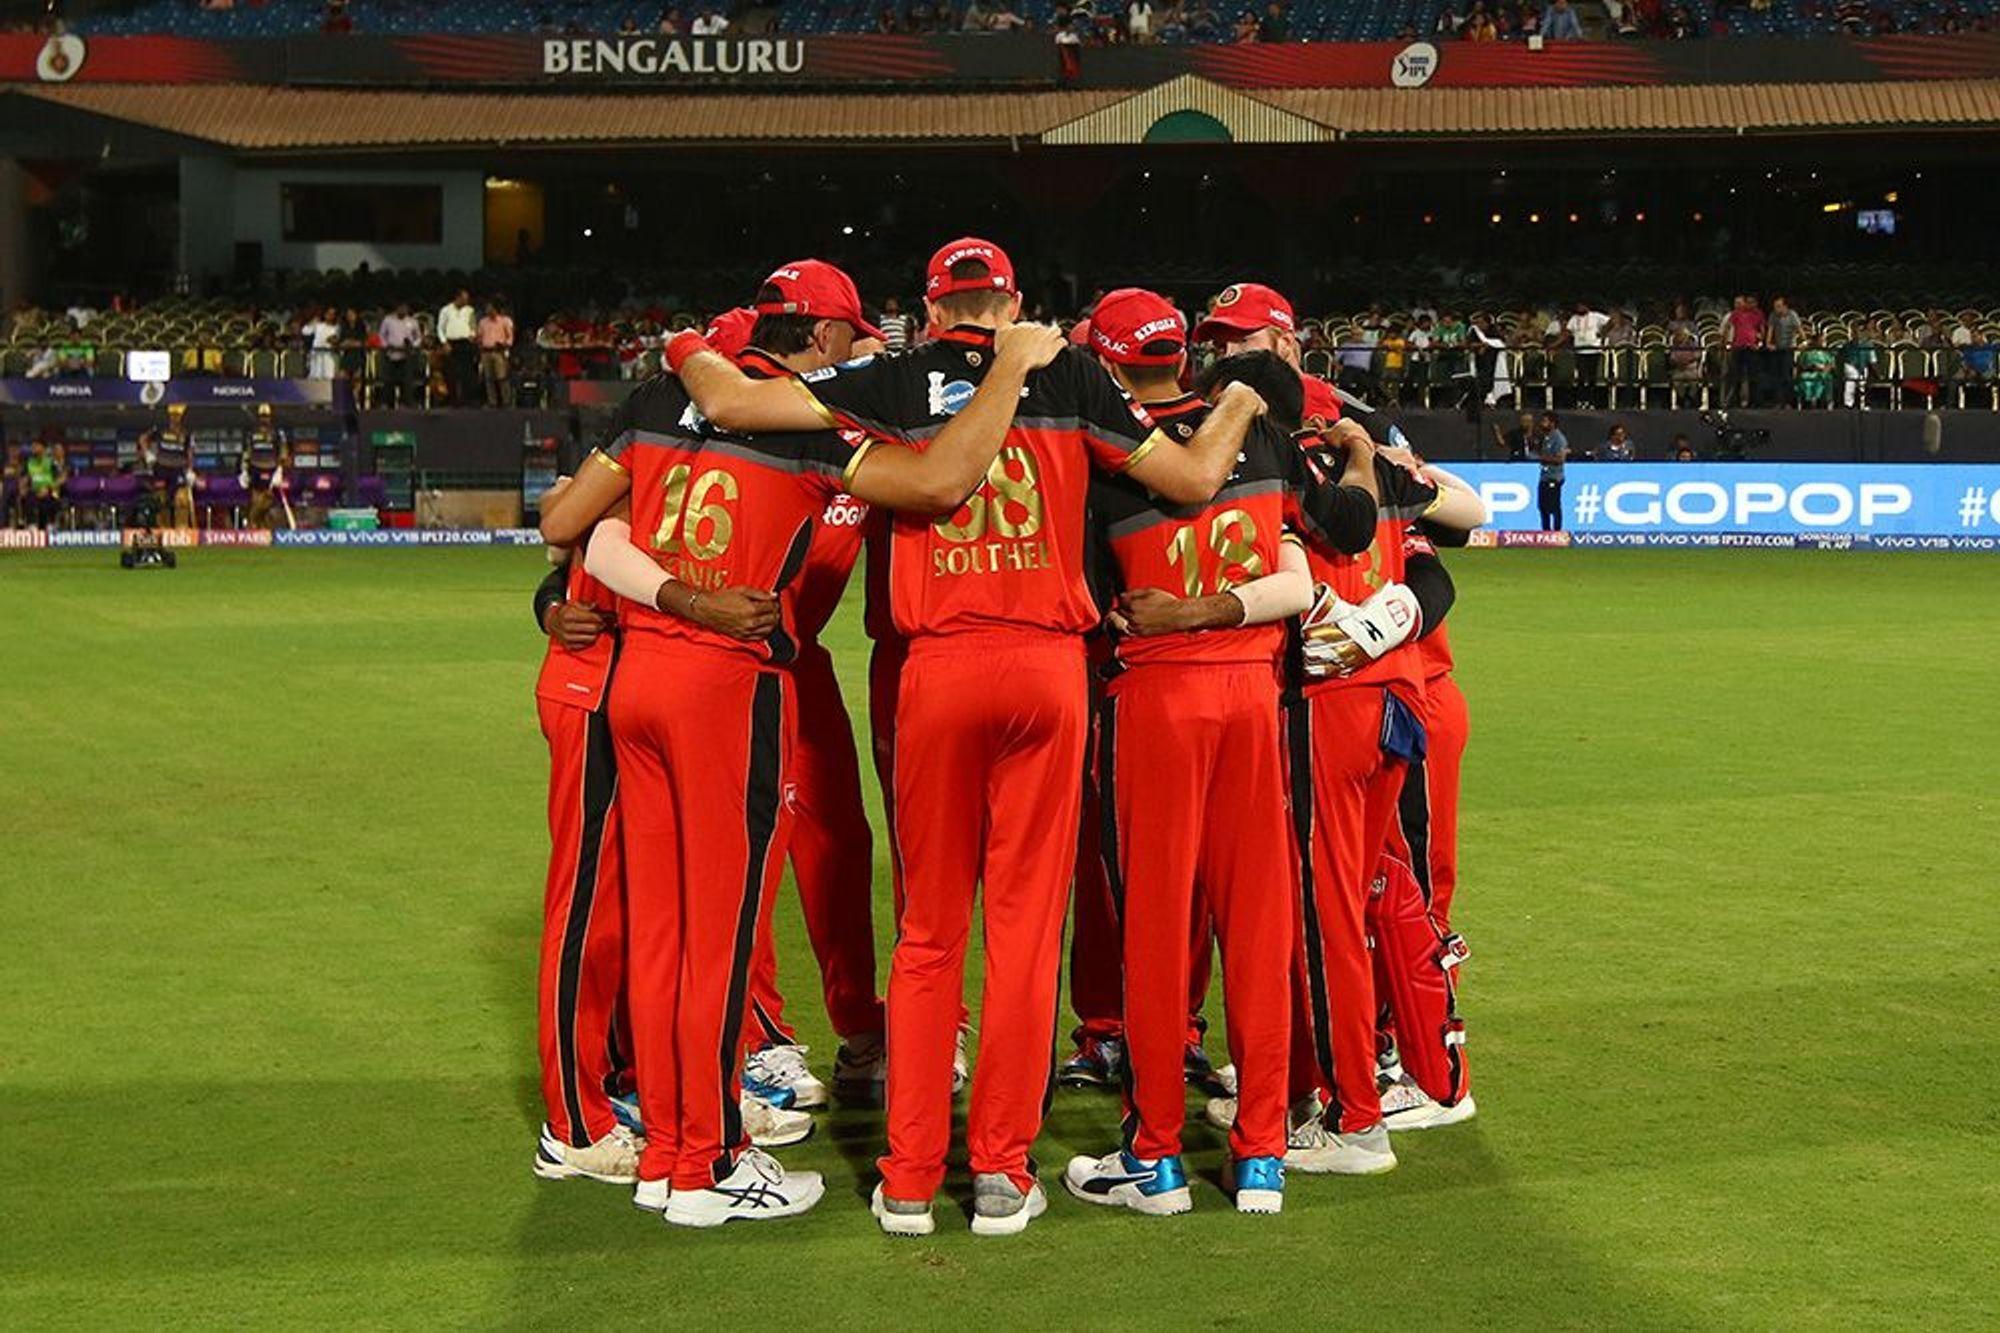 IPL 2019- अगर इन 11 खिलाड़ियों के साथ उतरें विराट कोहली तो प्ले ऑफ़ में पहुंच सकती है आरसीबी